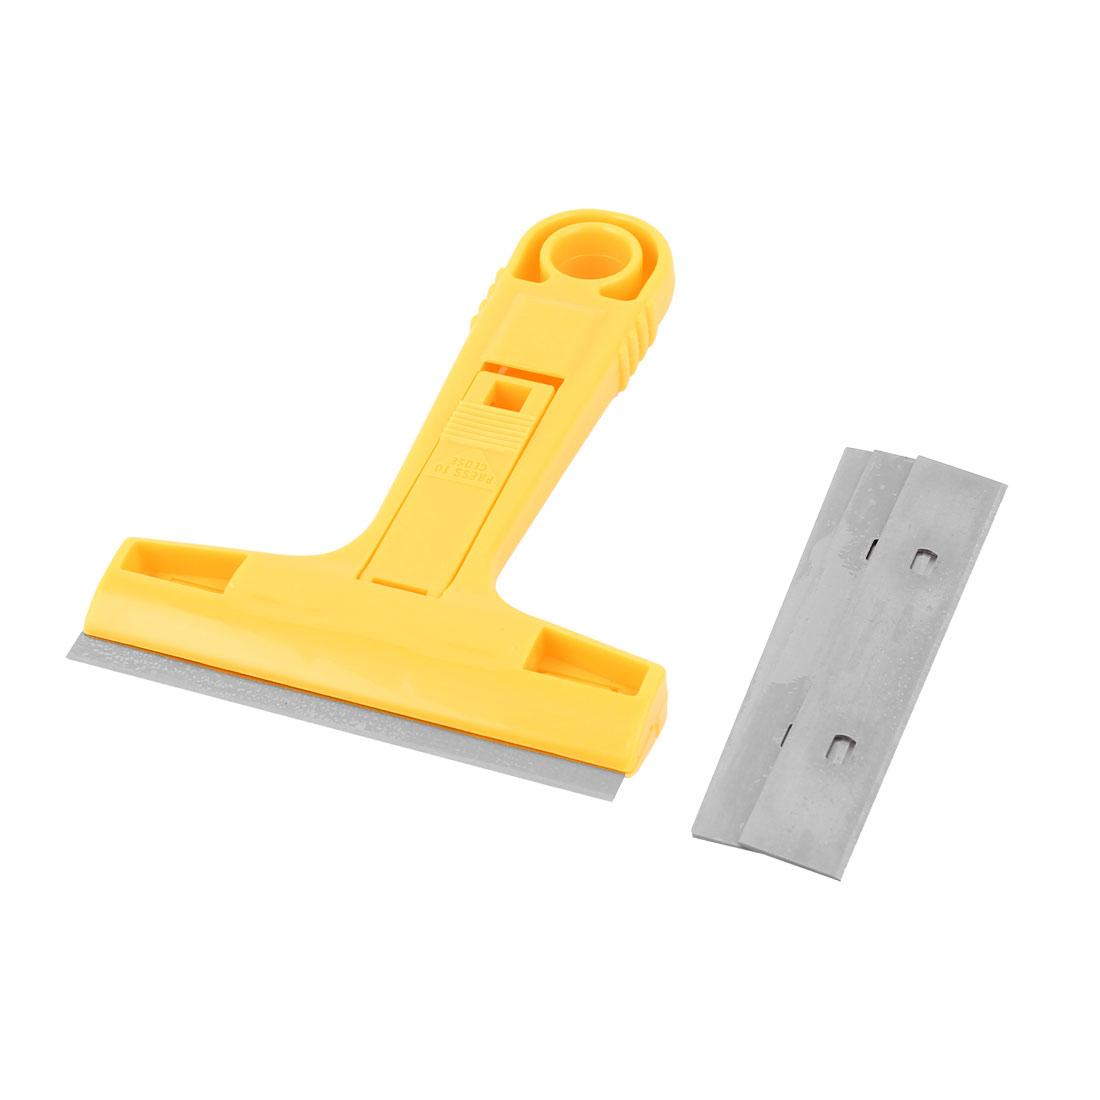 Household Yellow Plastic Nonslip Handle Wall Floor Window Glass Cleaner Scraper